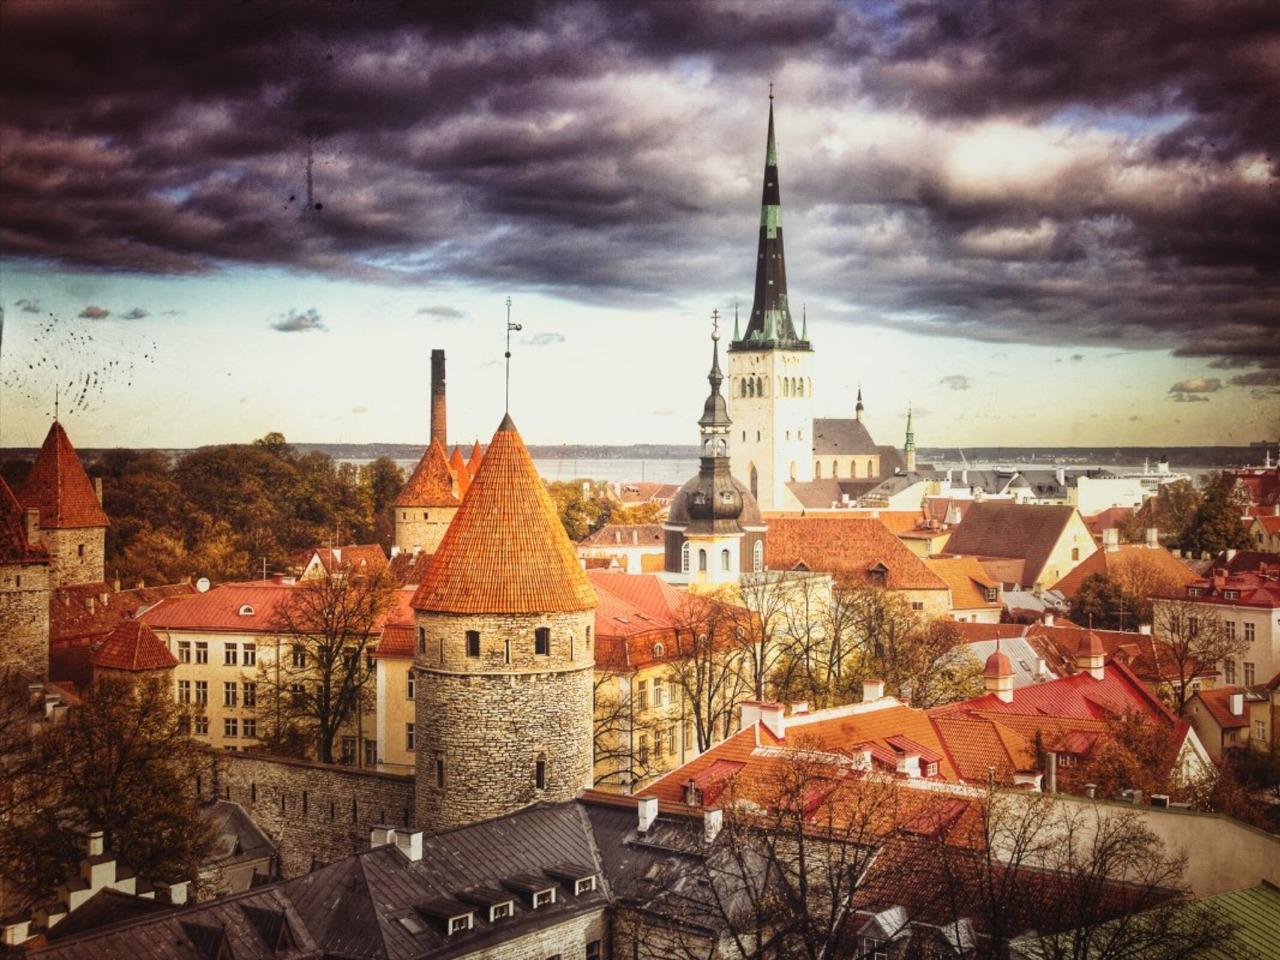 """Семейный квест """"Юные следопыты"""" в Таллине - индивидуальная экскурсия в Таллине от опытного гида"""